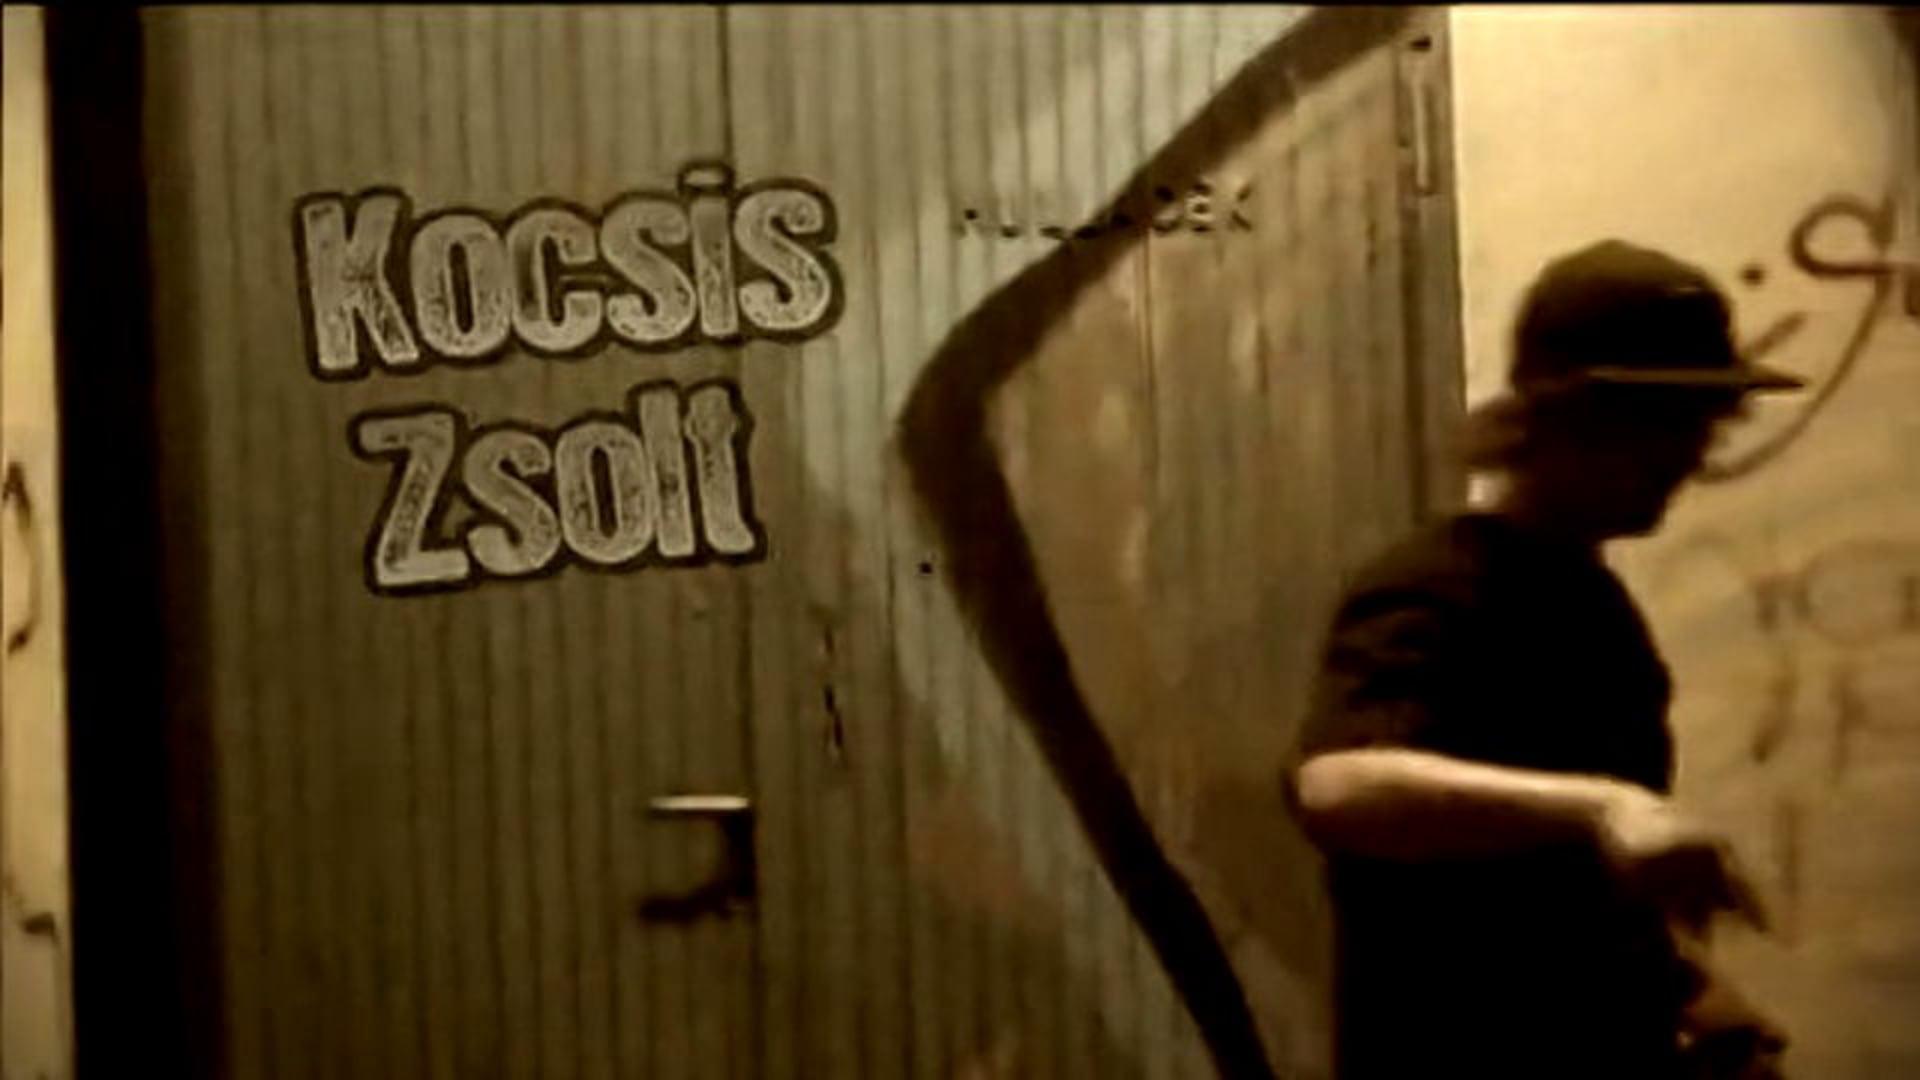 Kocsis Zsolt - Explicit Mind 2